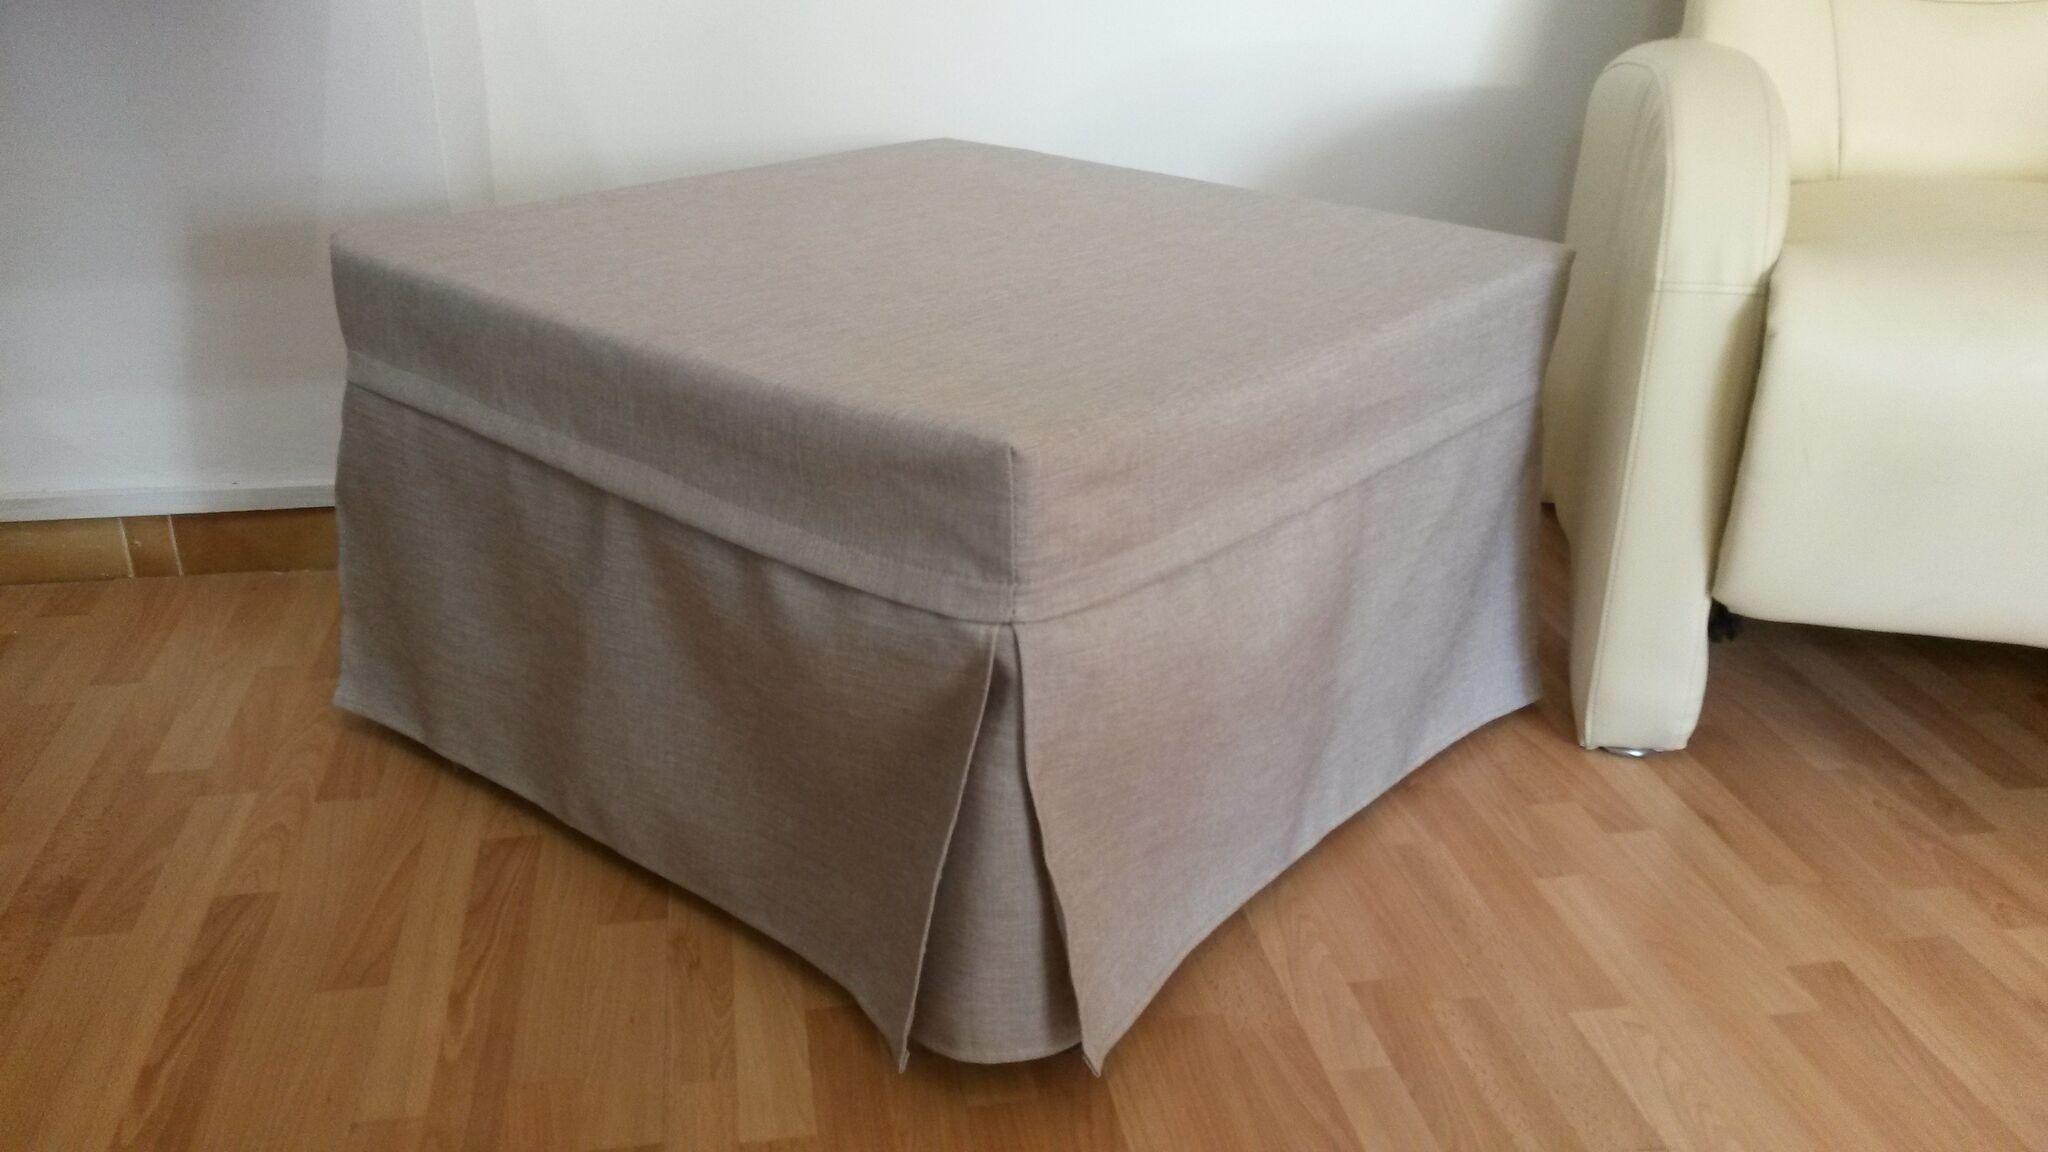 Pouff letto in tessuto facilmente lavabile made in italy - Letto pouf ikea ...